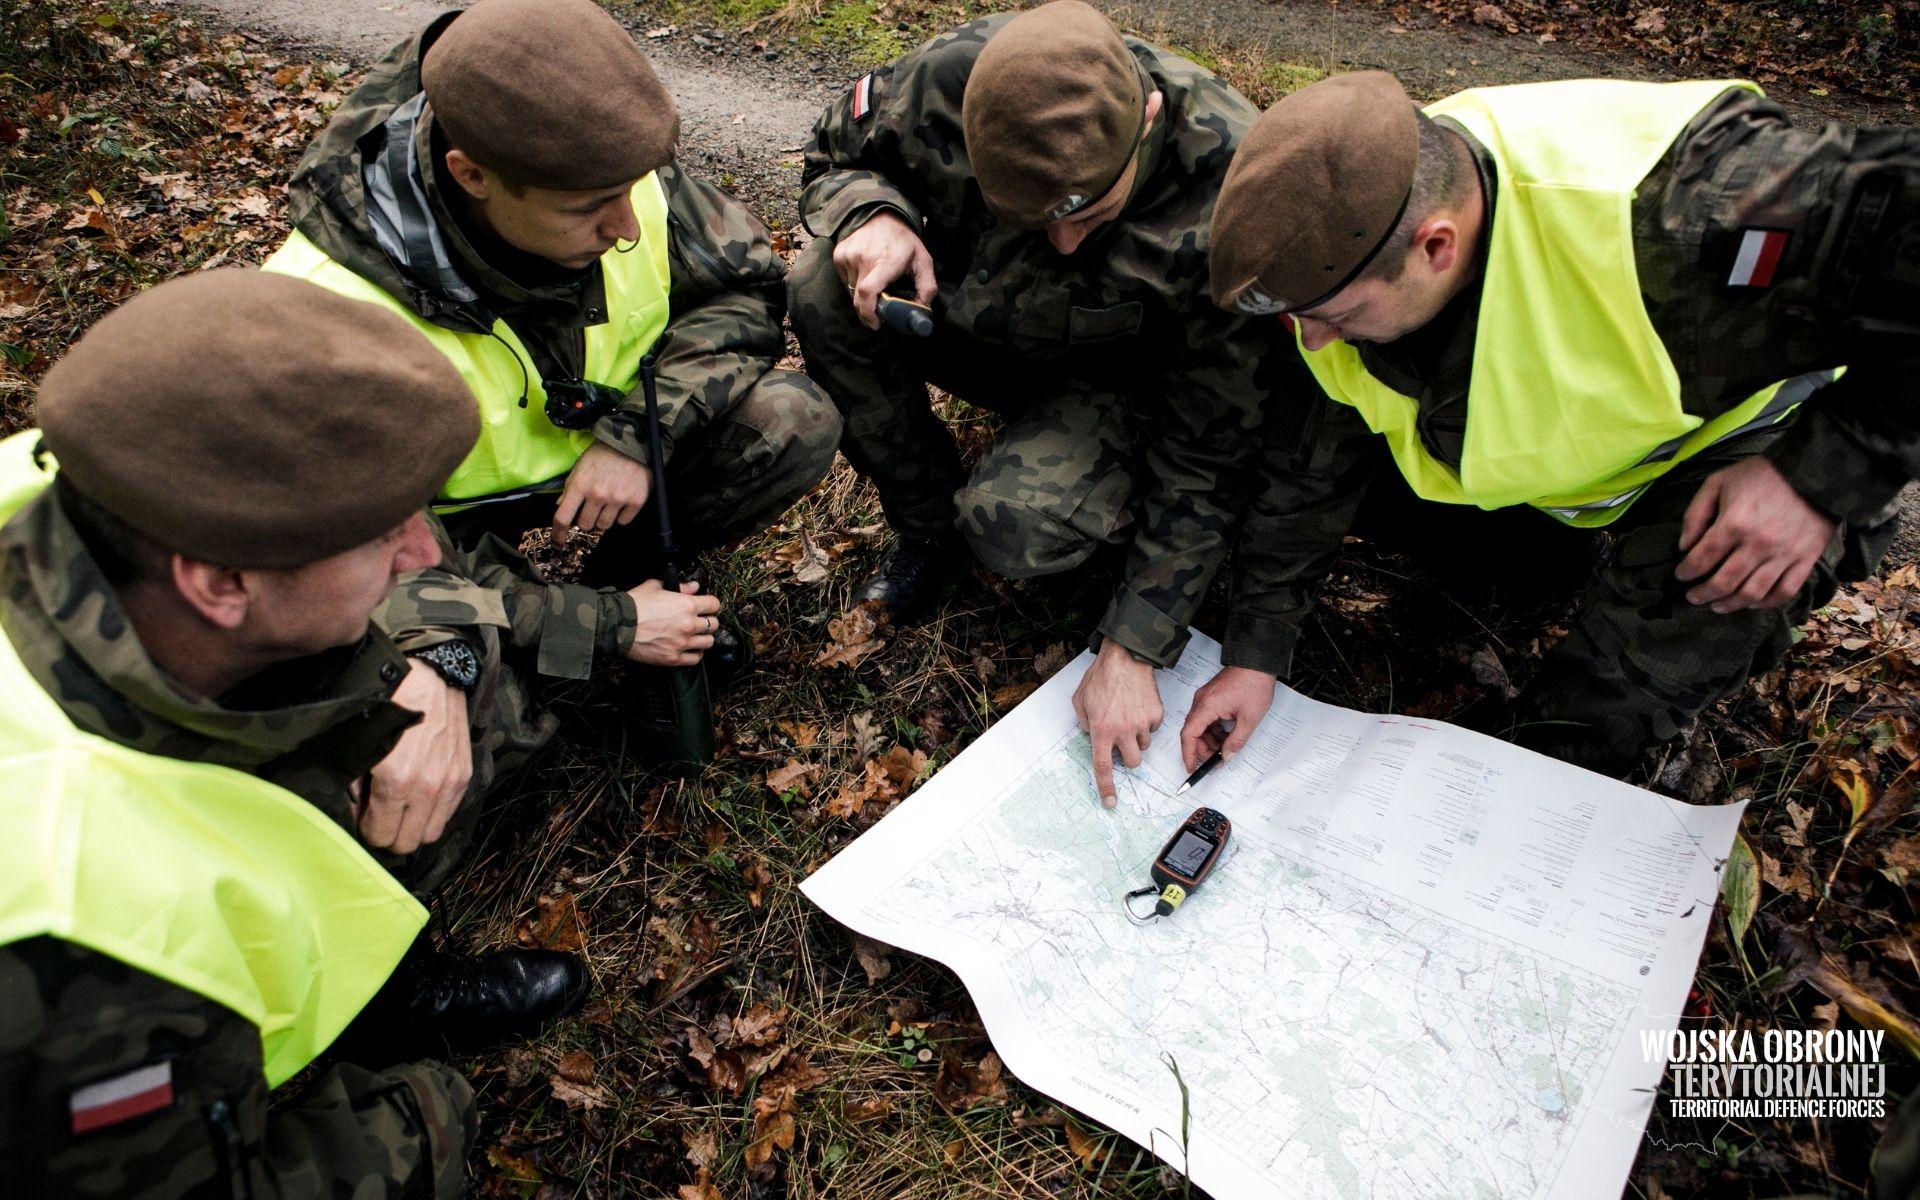 2lbot renegade 2 Terytorialsi szukali pilota i rozbitego myśliwca